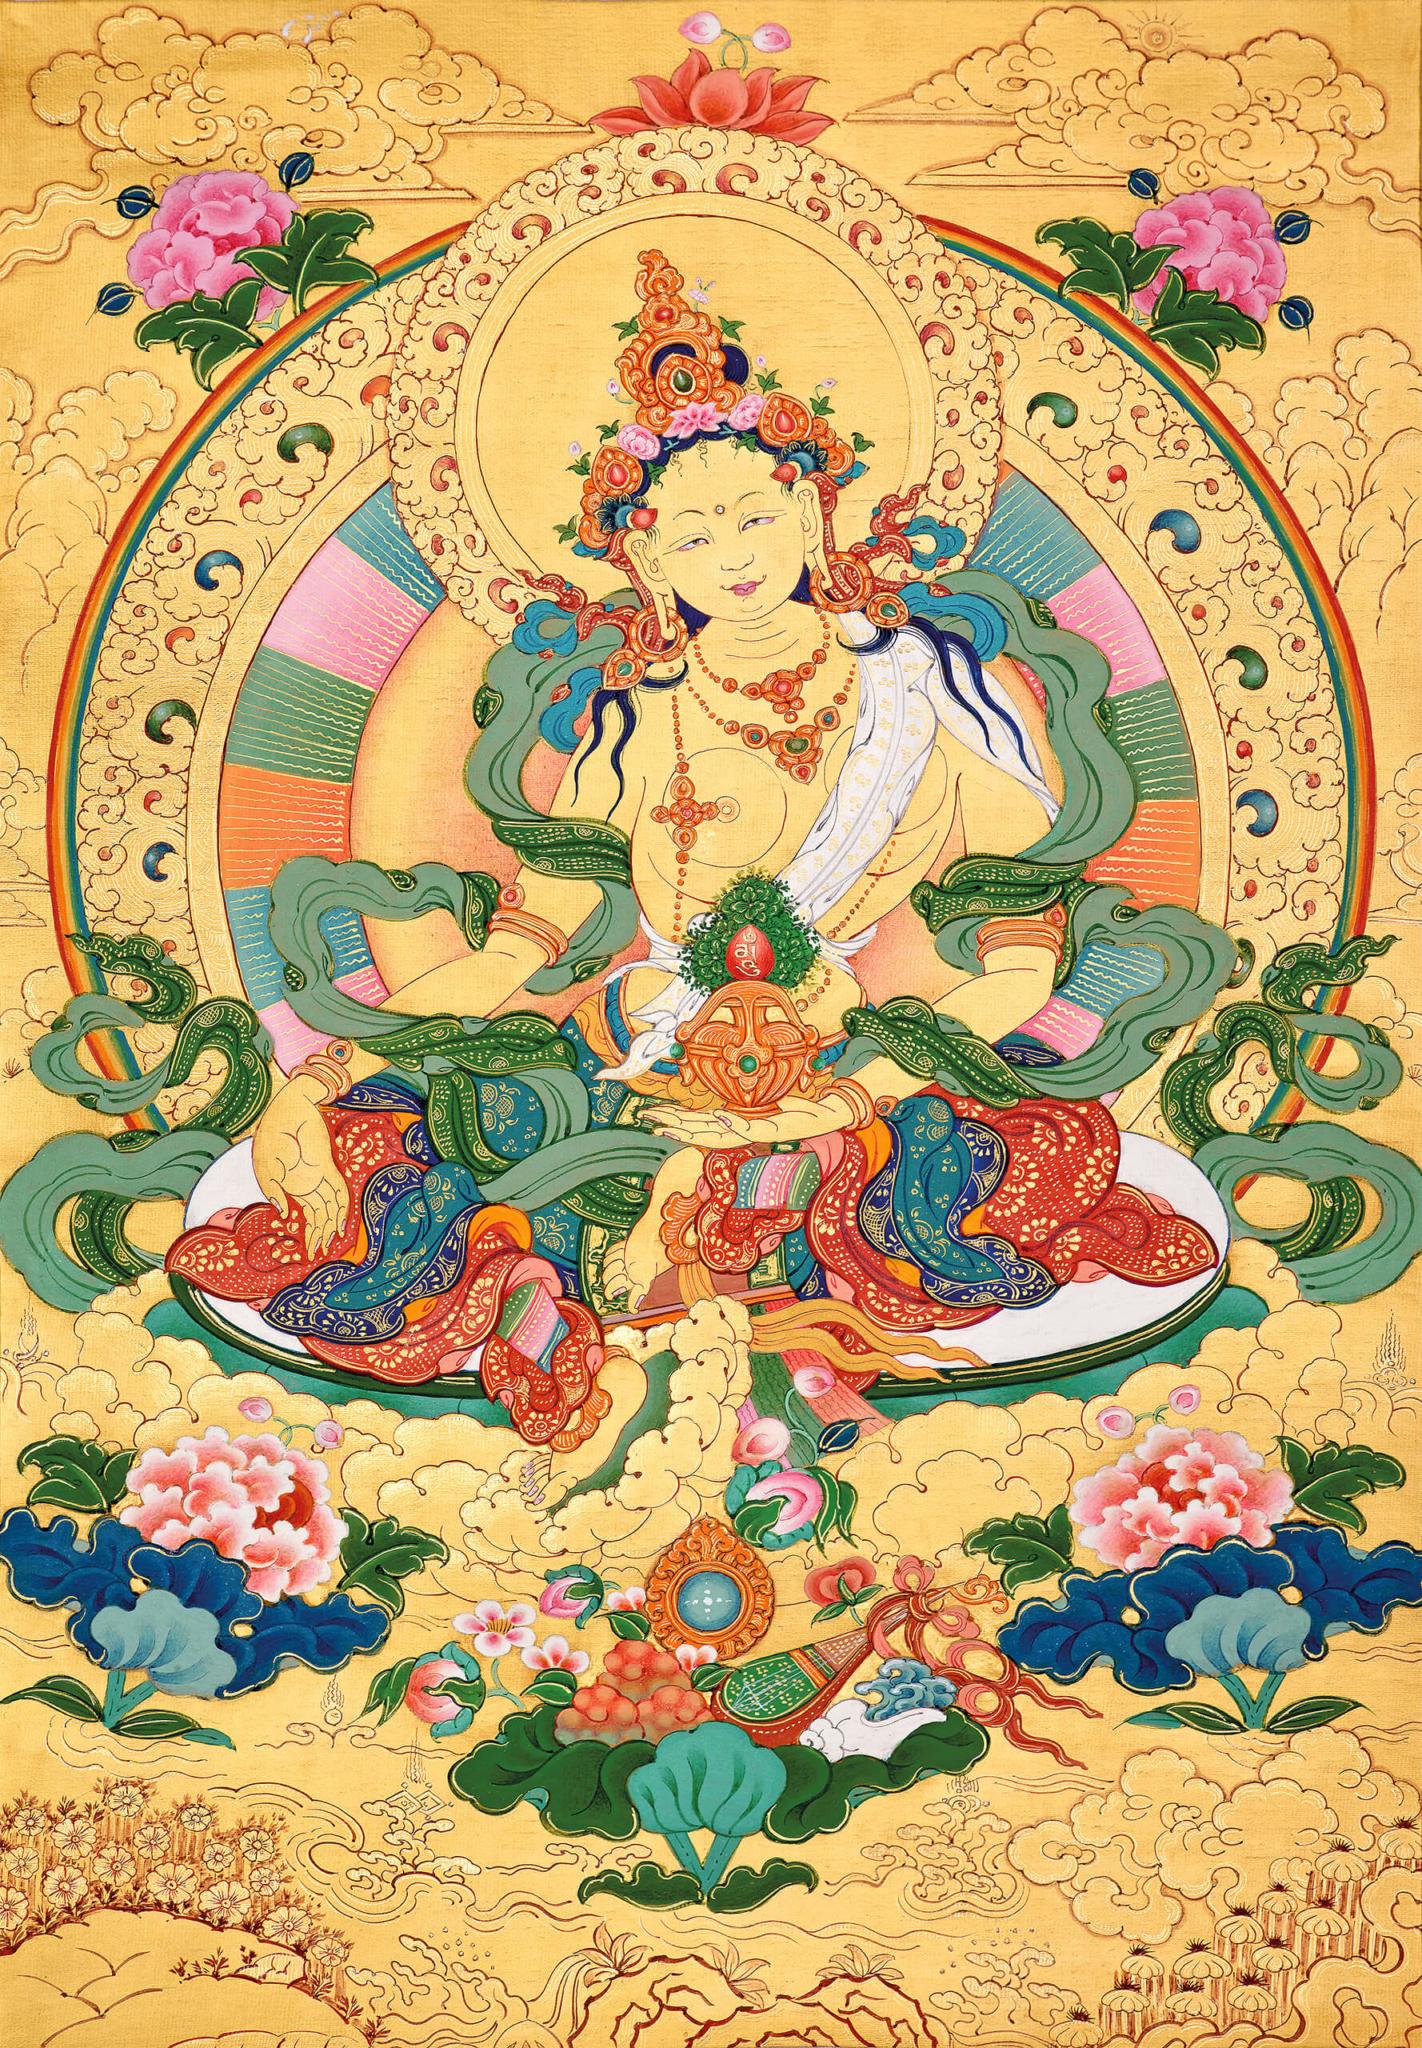 odser chenma, marichi, tara, dzogchen, buddhist thangka art